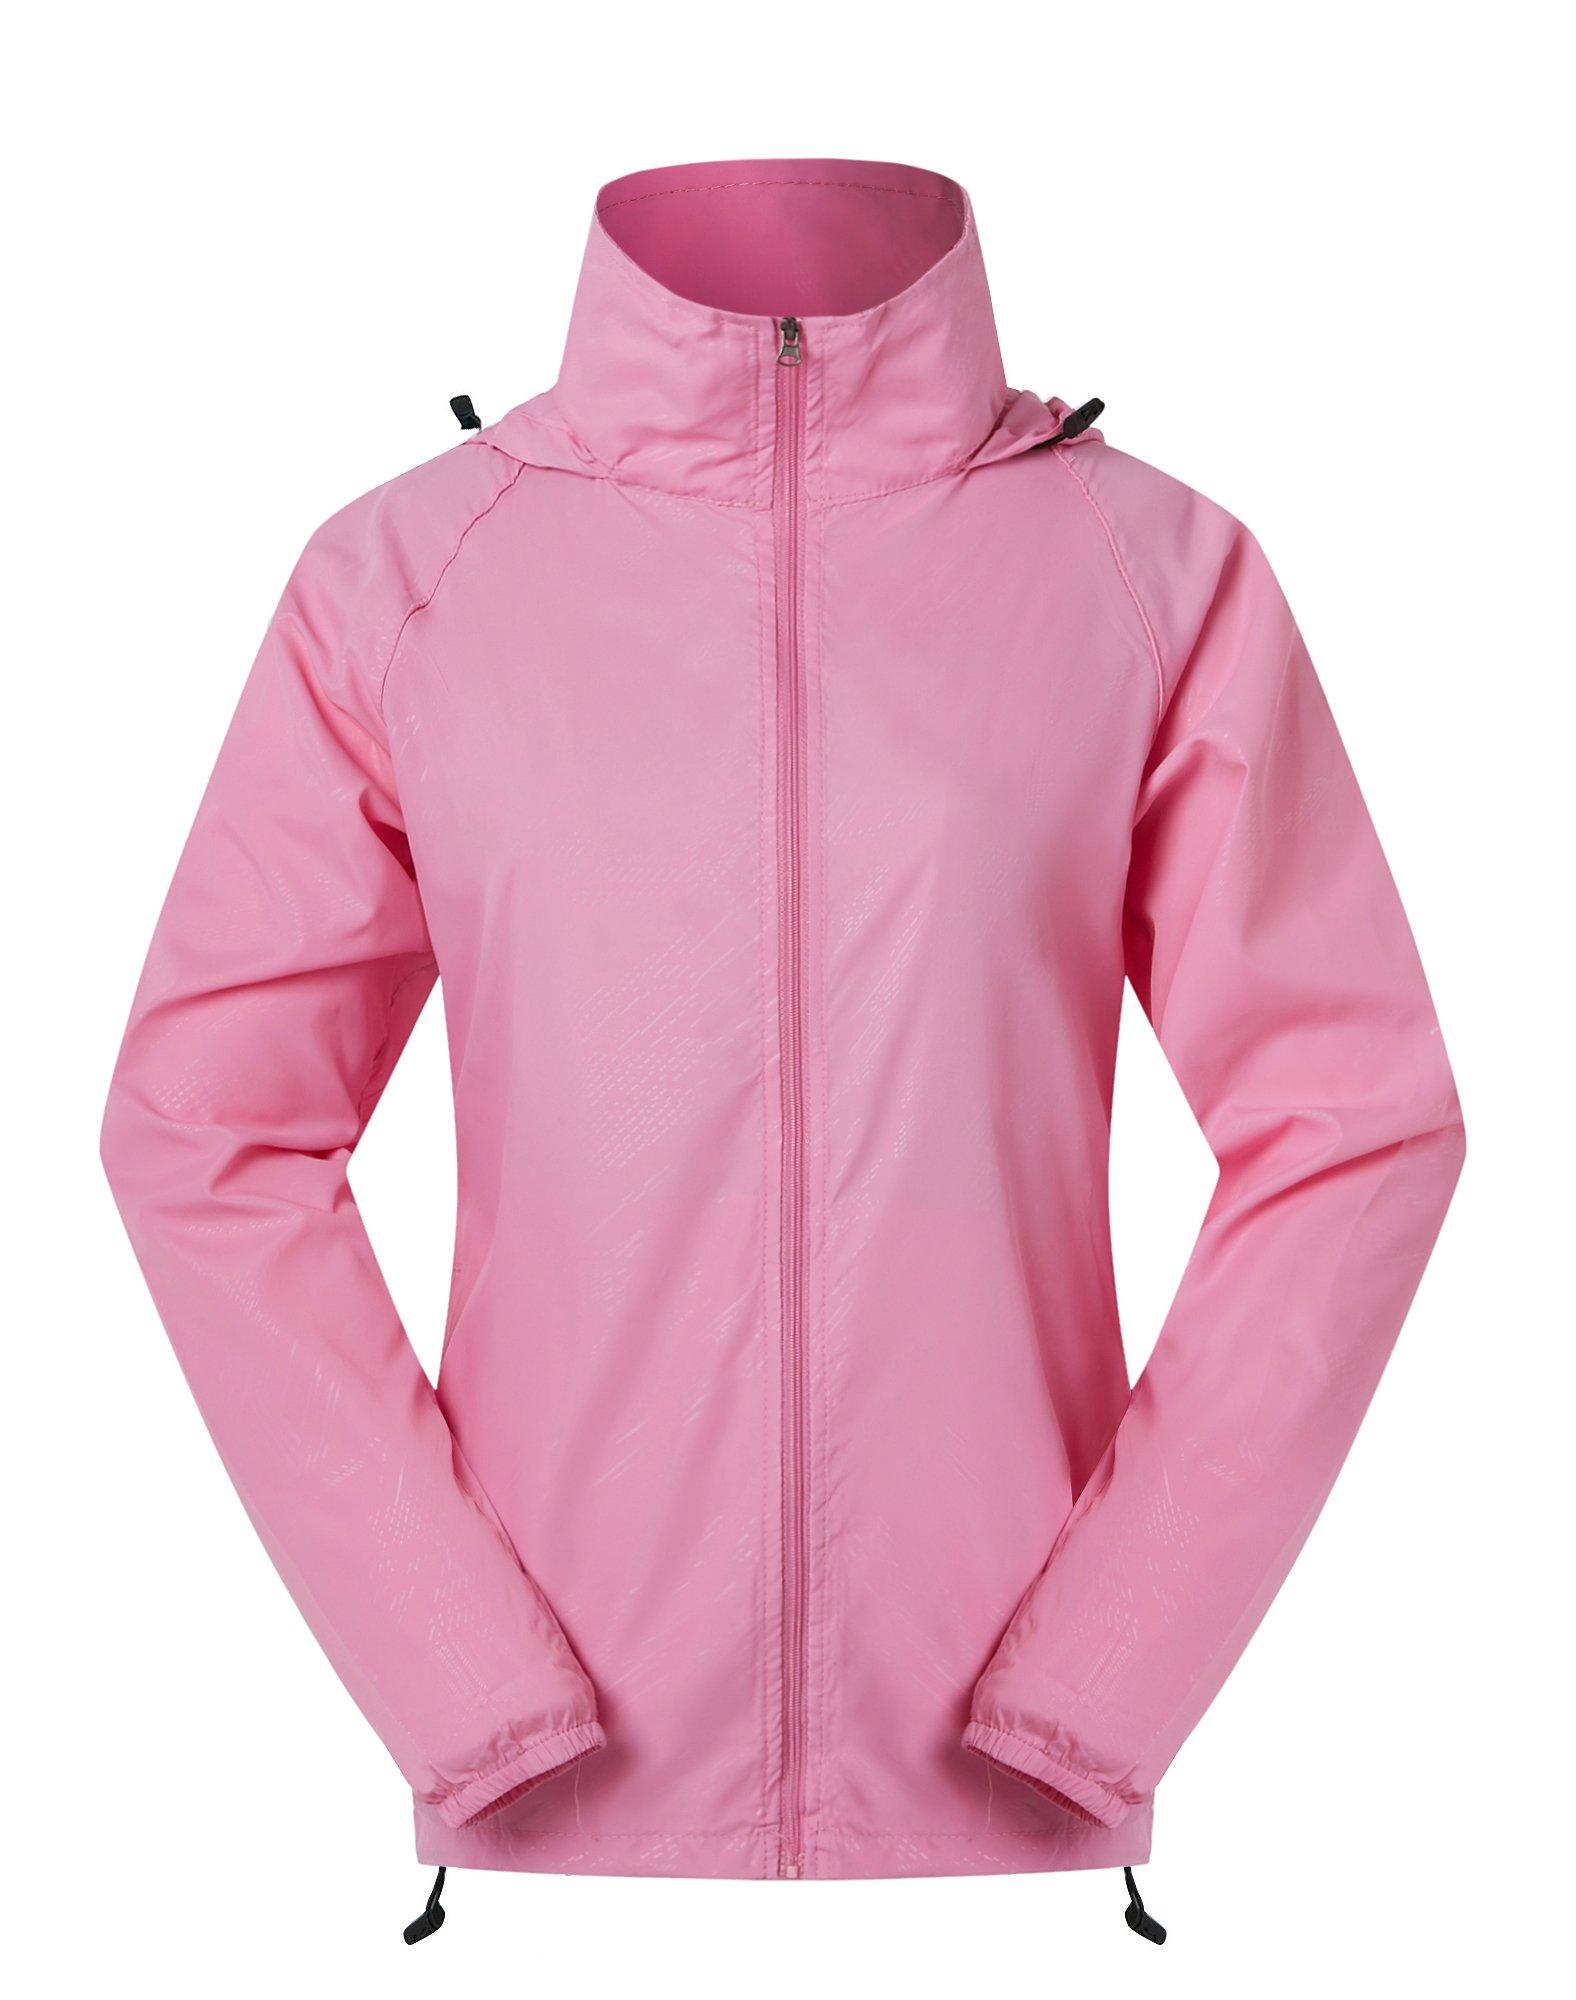 Cheering Spmor Women's Lightweight Jackets Waterproof Windbreaker Jacket UV Protect Running Coat S Hot Pink